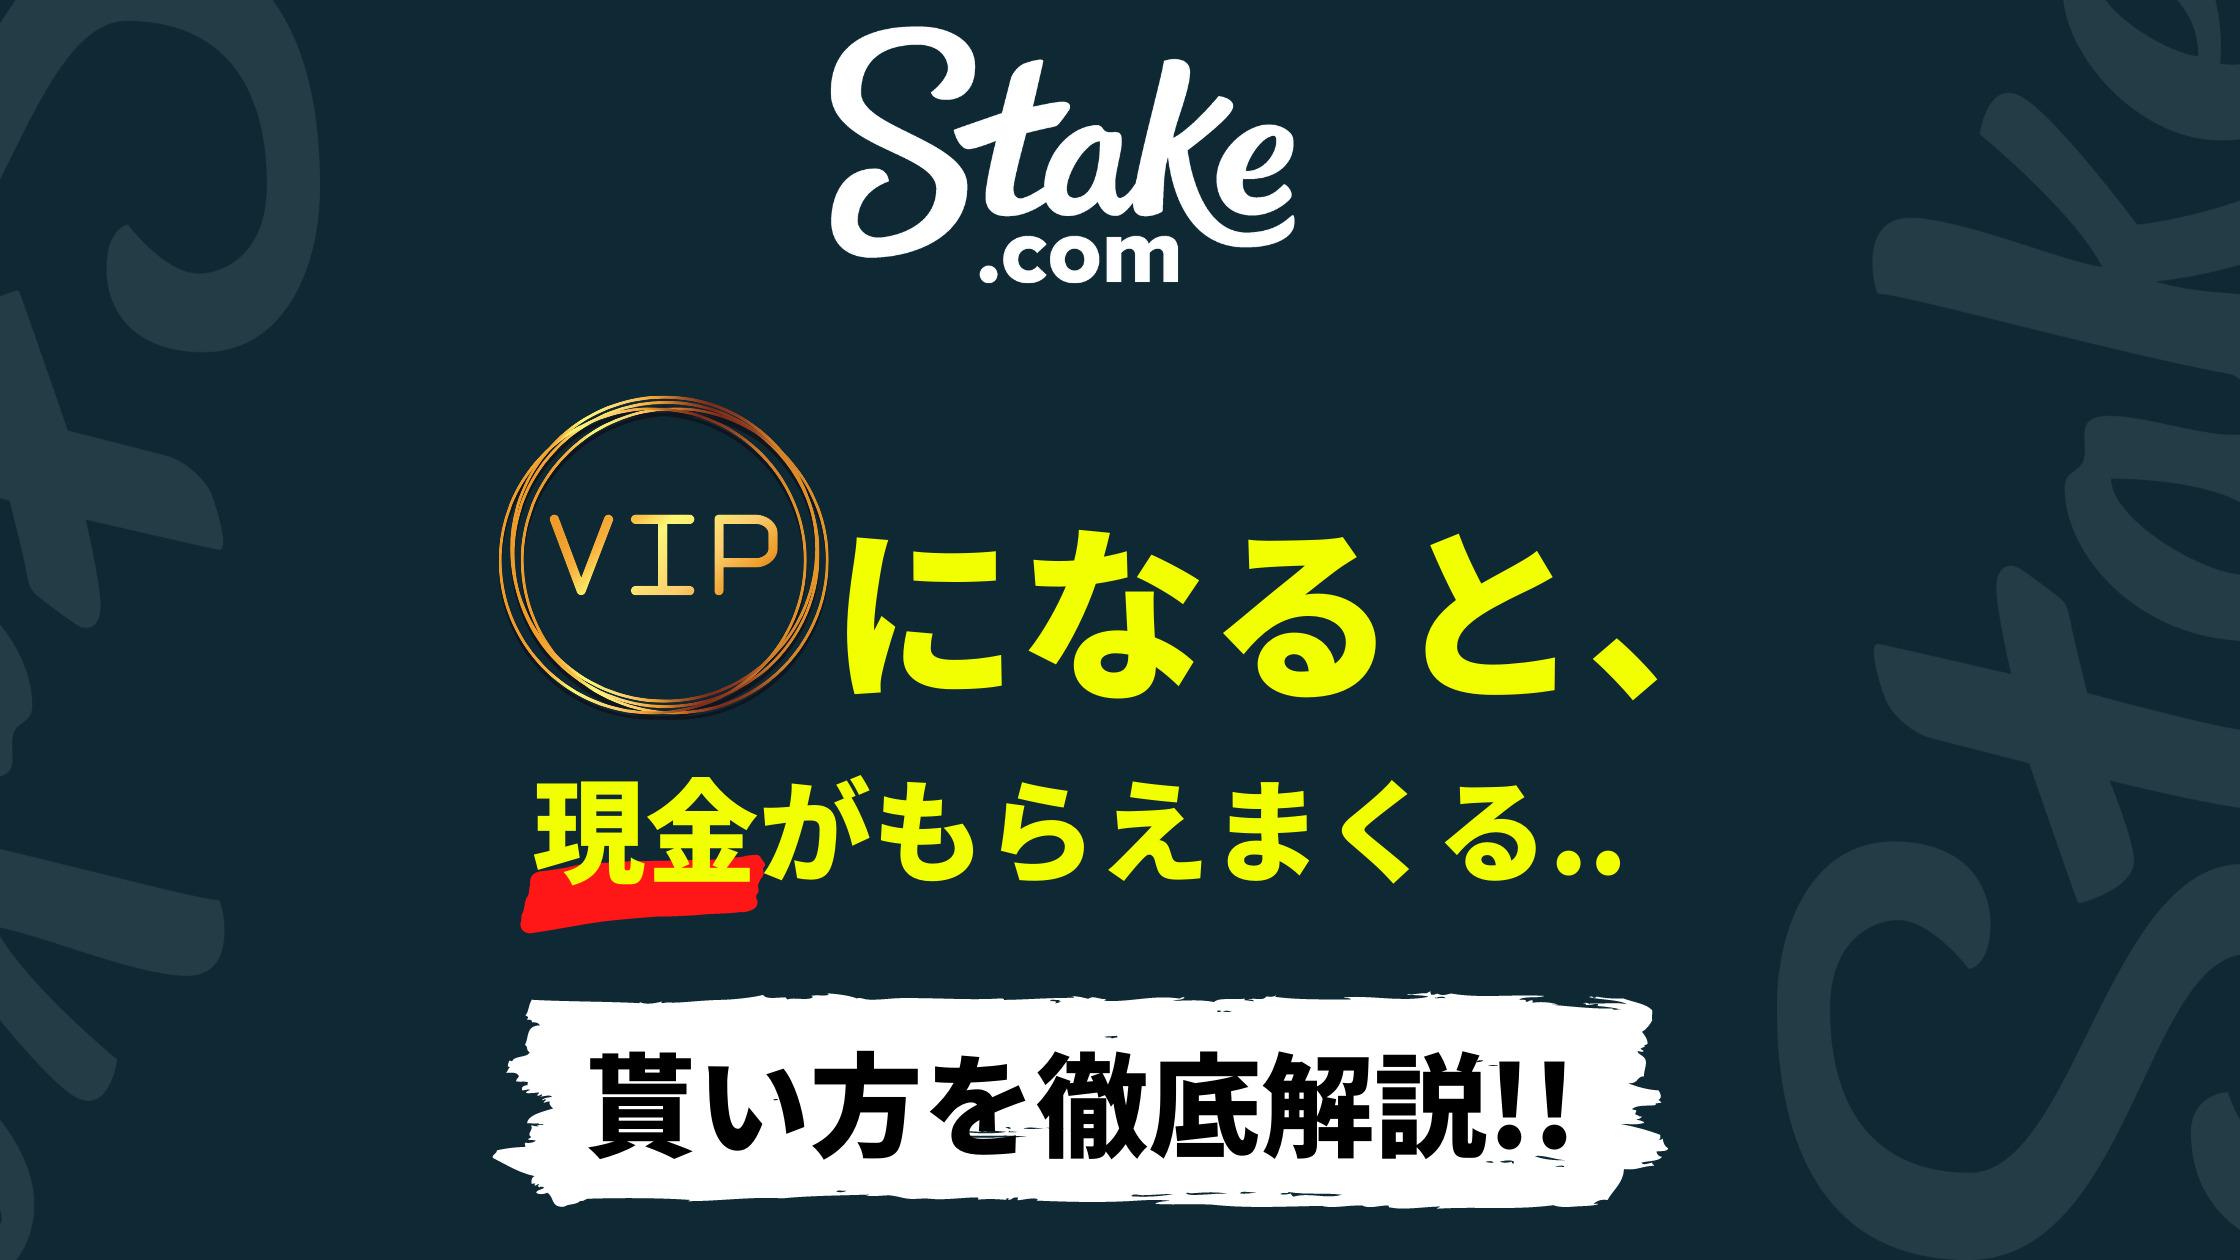 【ステークカジノ】VIPが素晴らしすぎるので徹底解説します!毎週、毎月、レーキバックでも現金がもらえる!